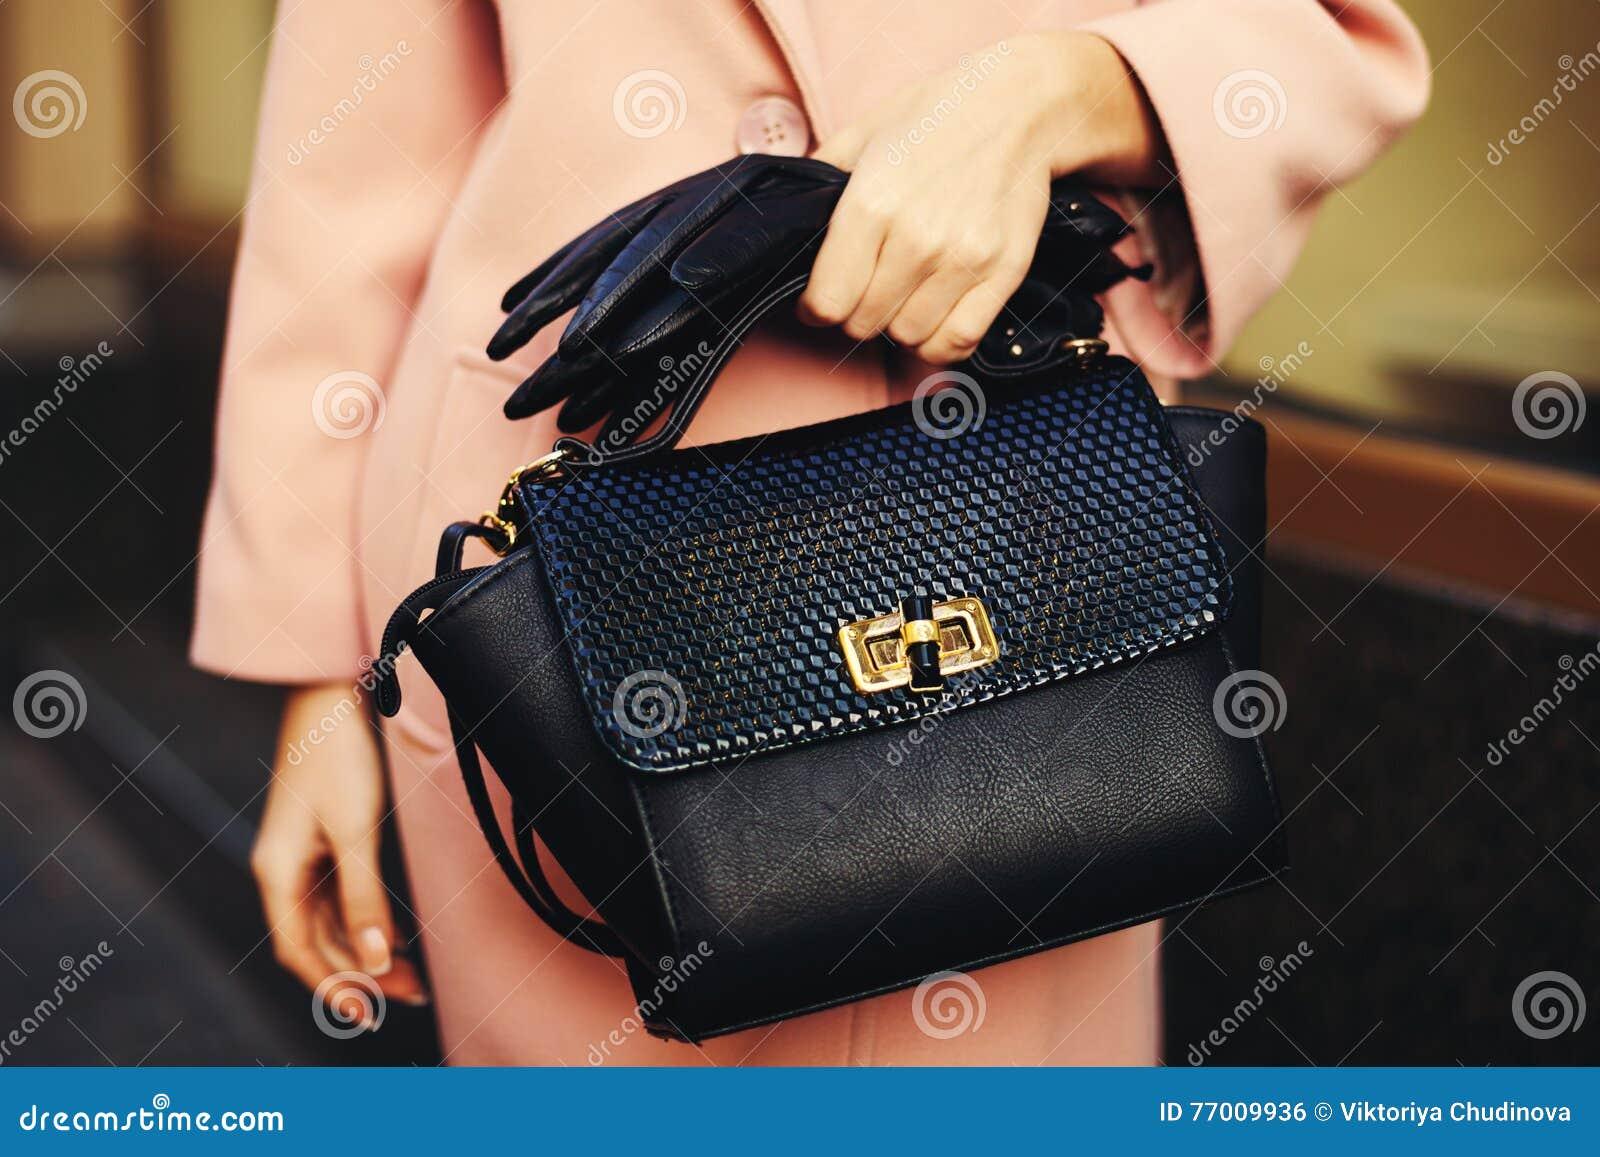 Equipamento elegante Close up da mulher à moda disponivel da bolsa preta do saco de couro Menina elegante na rua fêmea